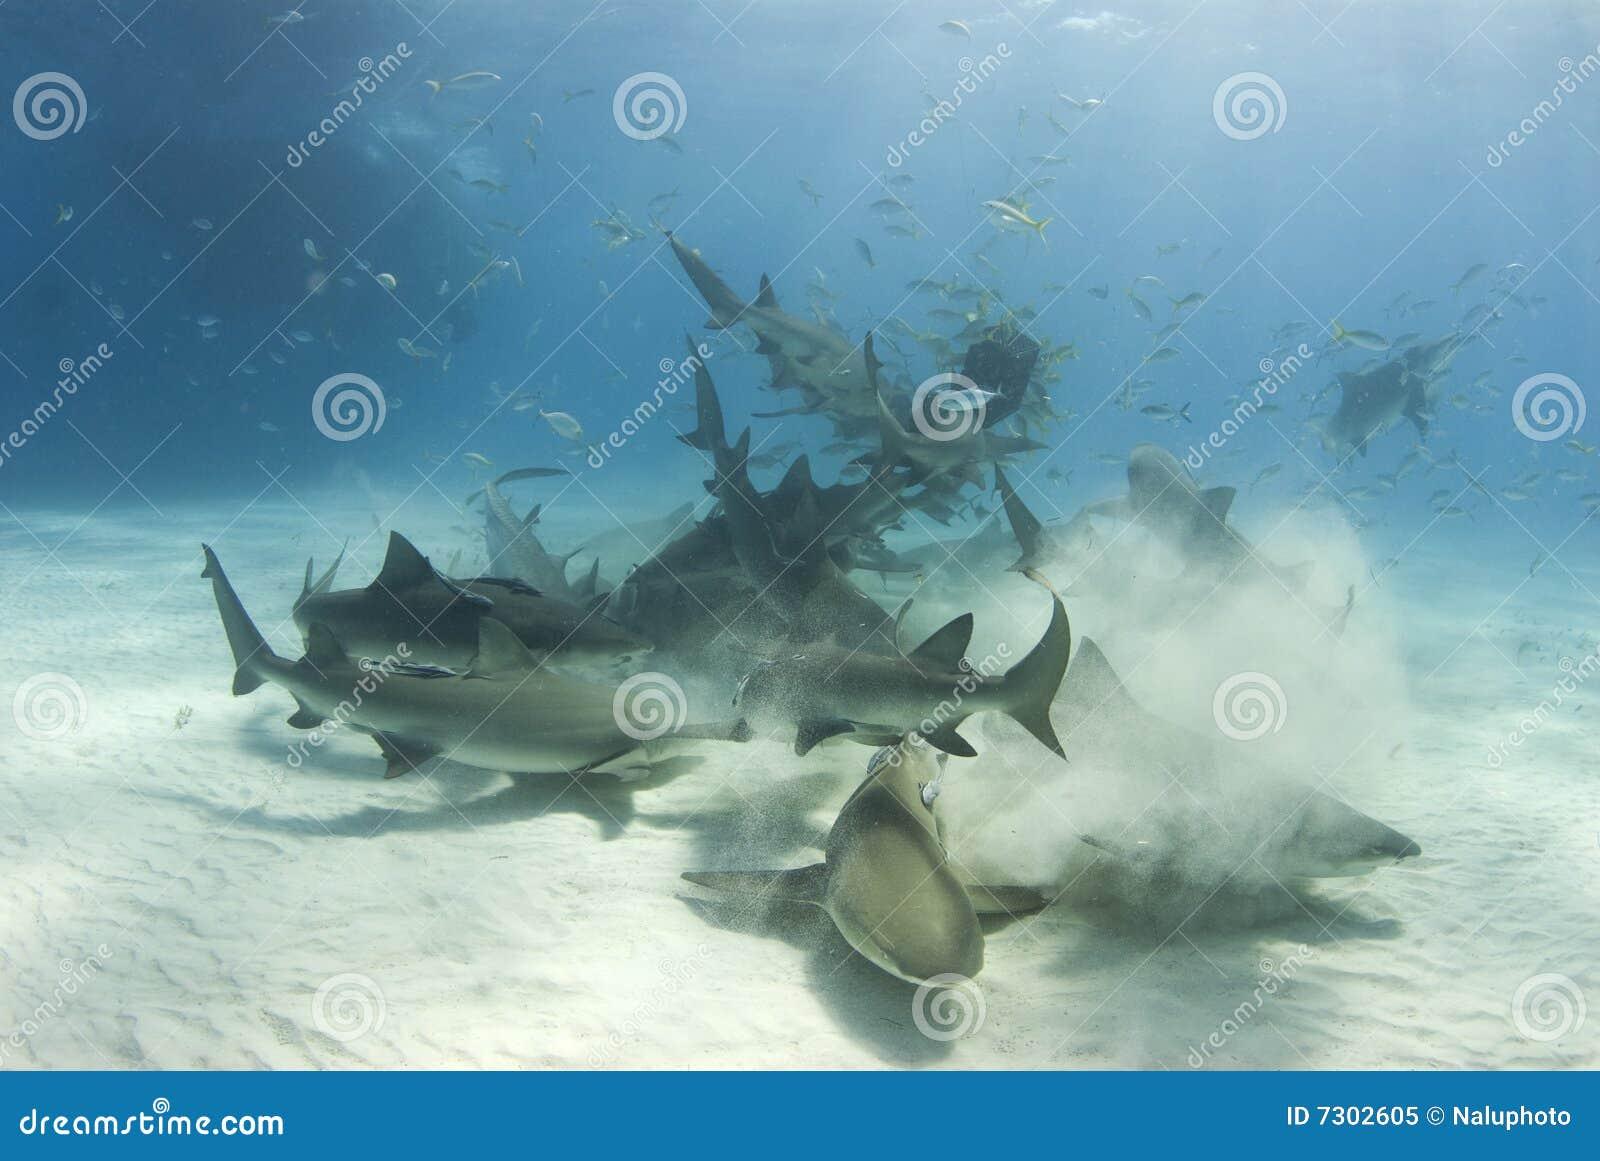 Frenesí del tiburón